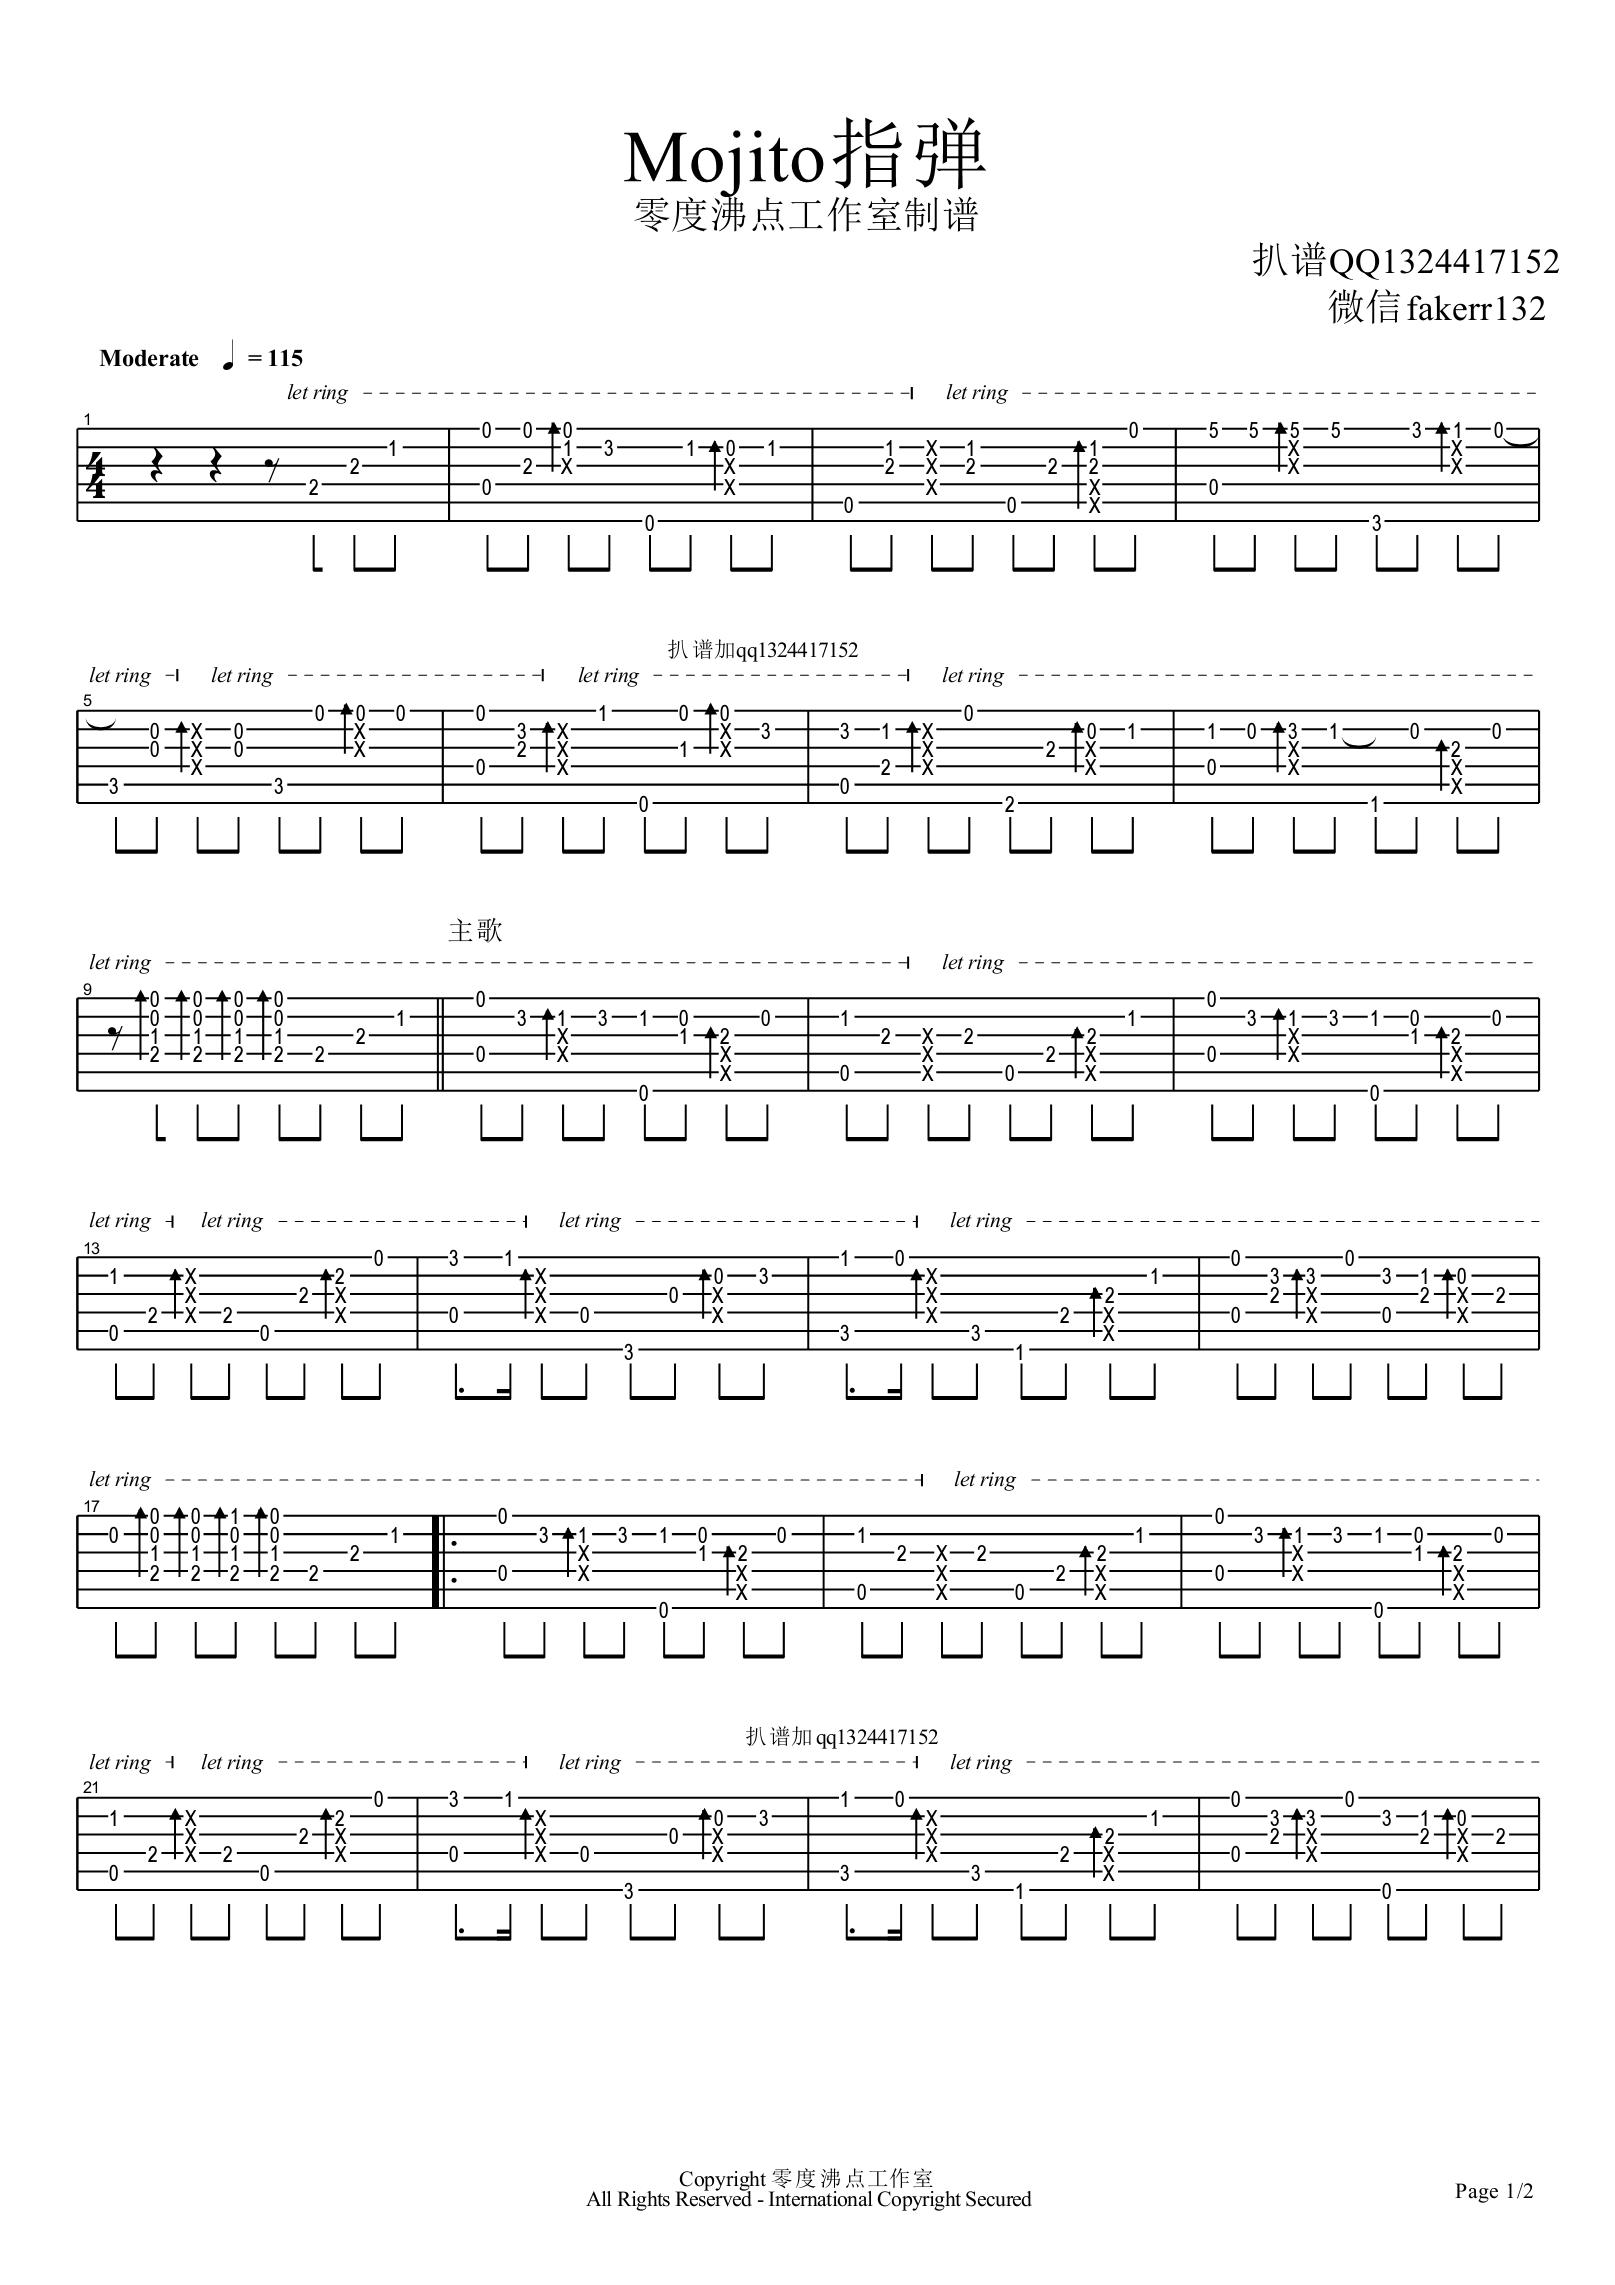 Mojito指弹吉他谱_周杰伦_《Mojito》独奏六线谱_高清图片谱1